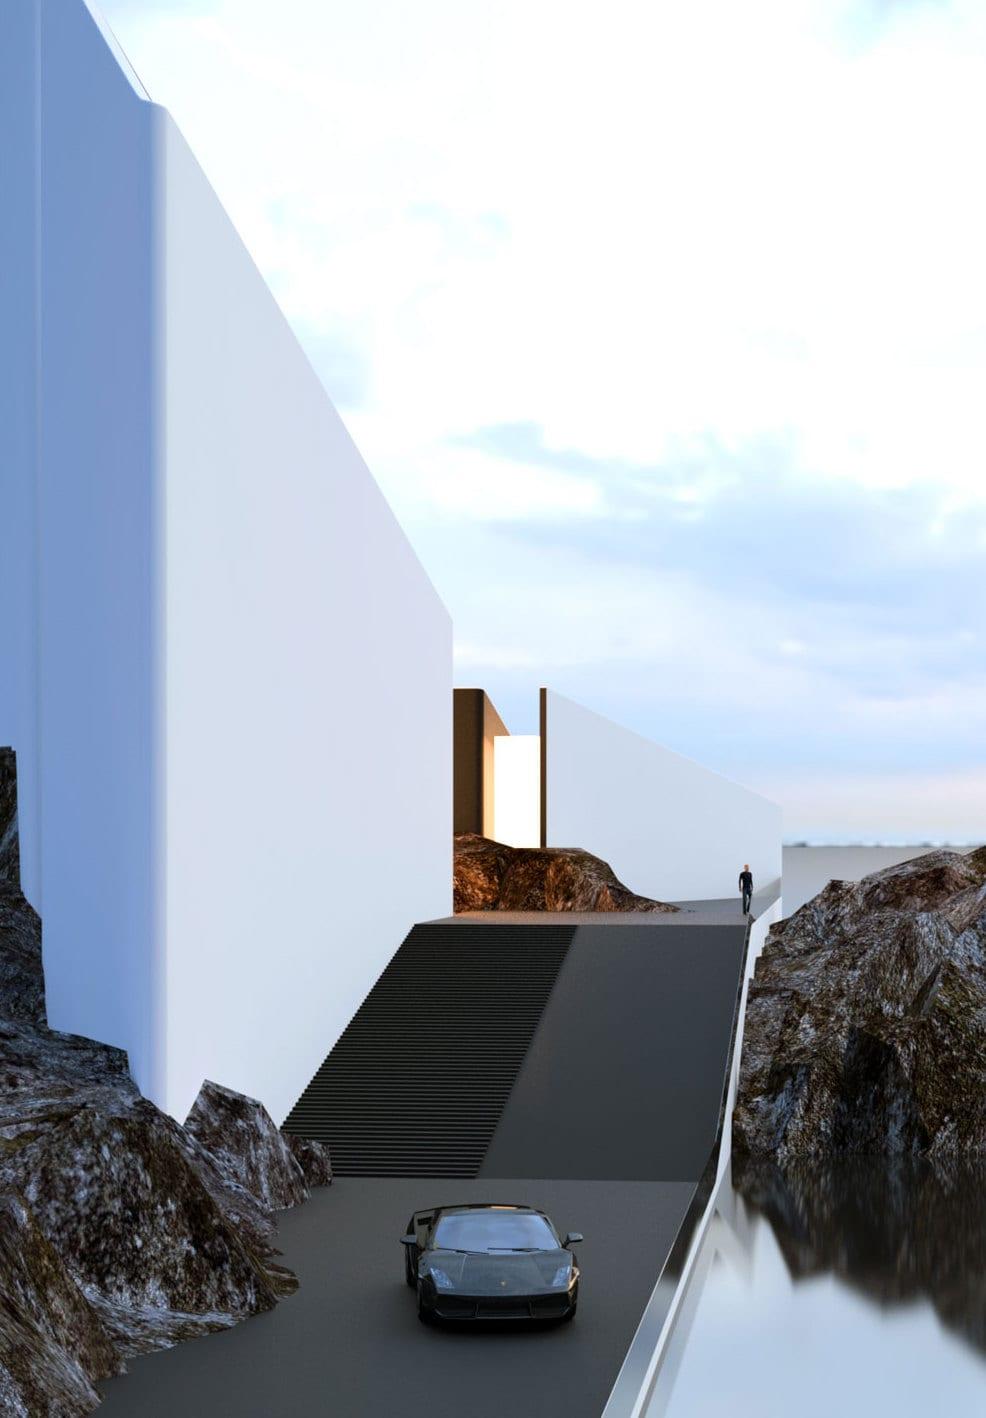 Modernes haus am meer mit brücke und moderner außentreppe mit rampe in schwarz